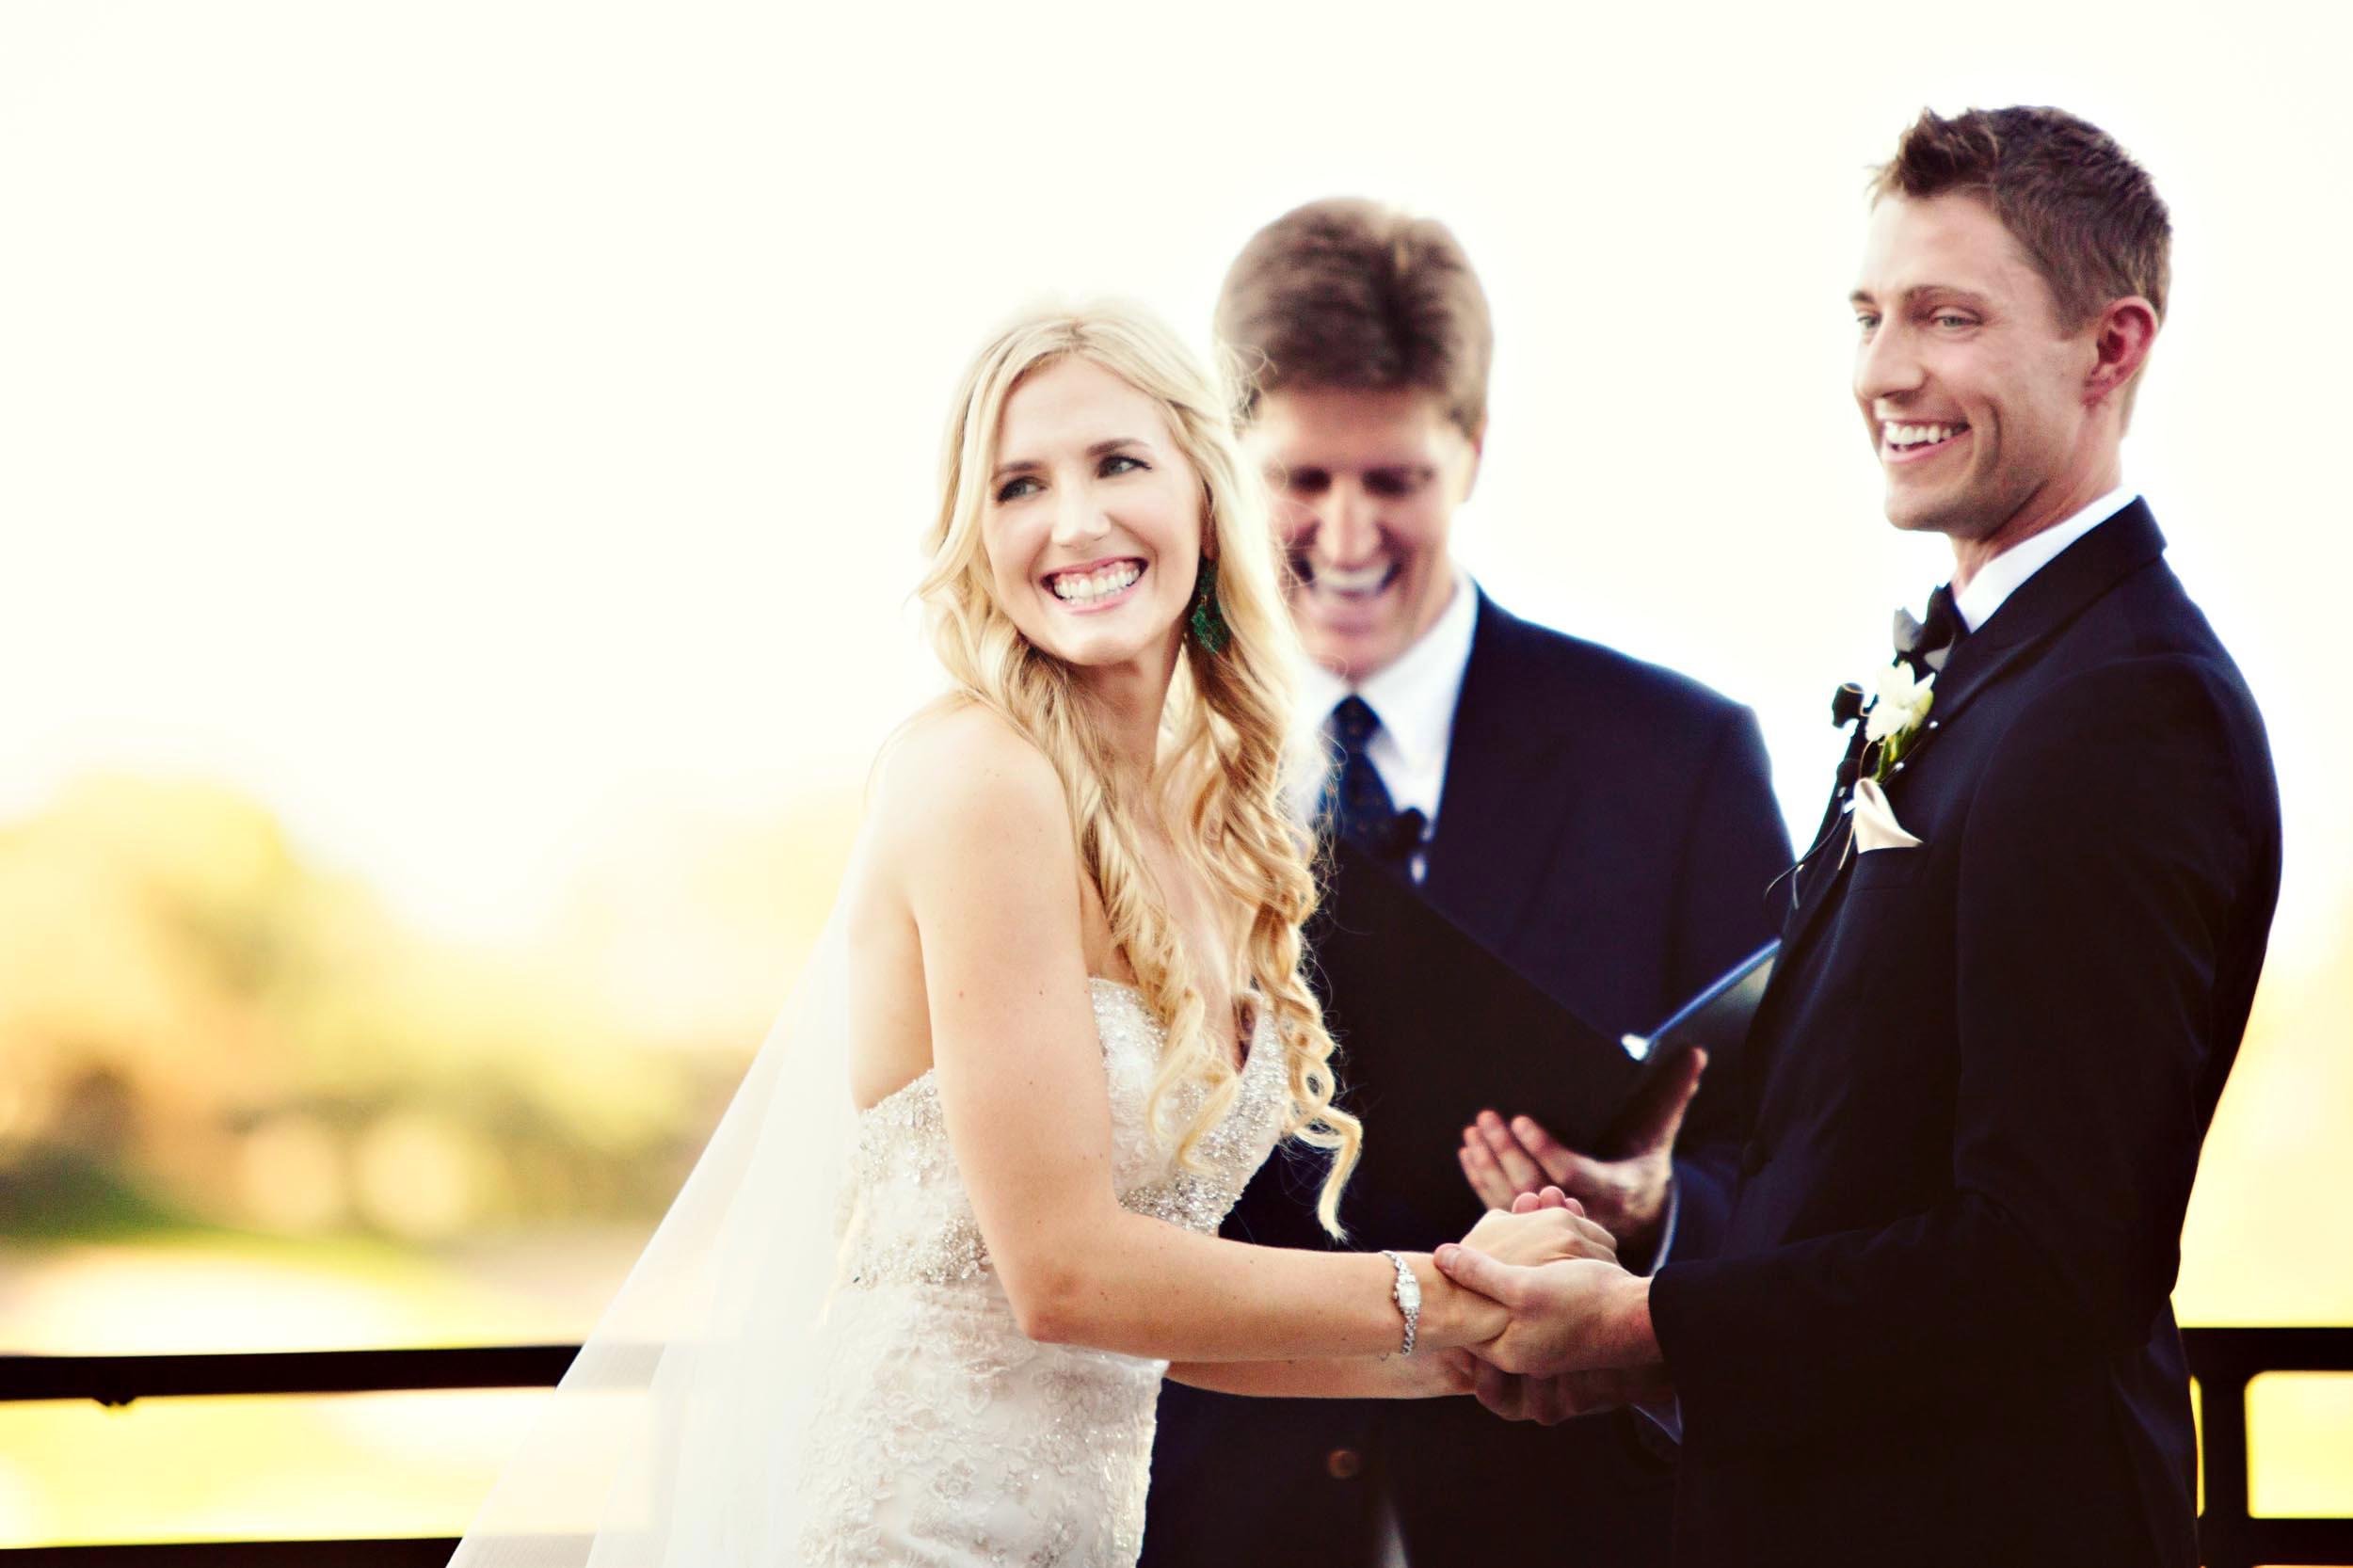 weddings-scottsdale-21.jpg